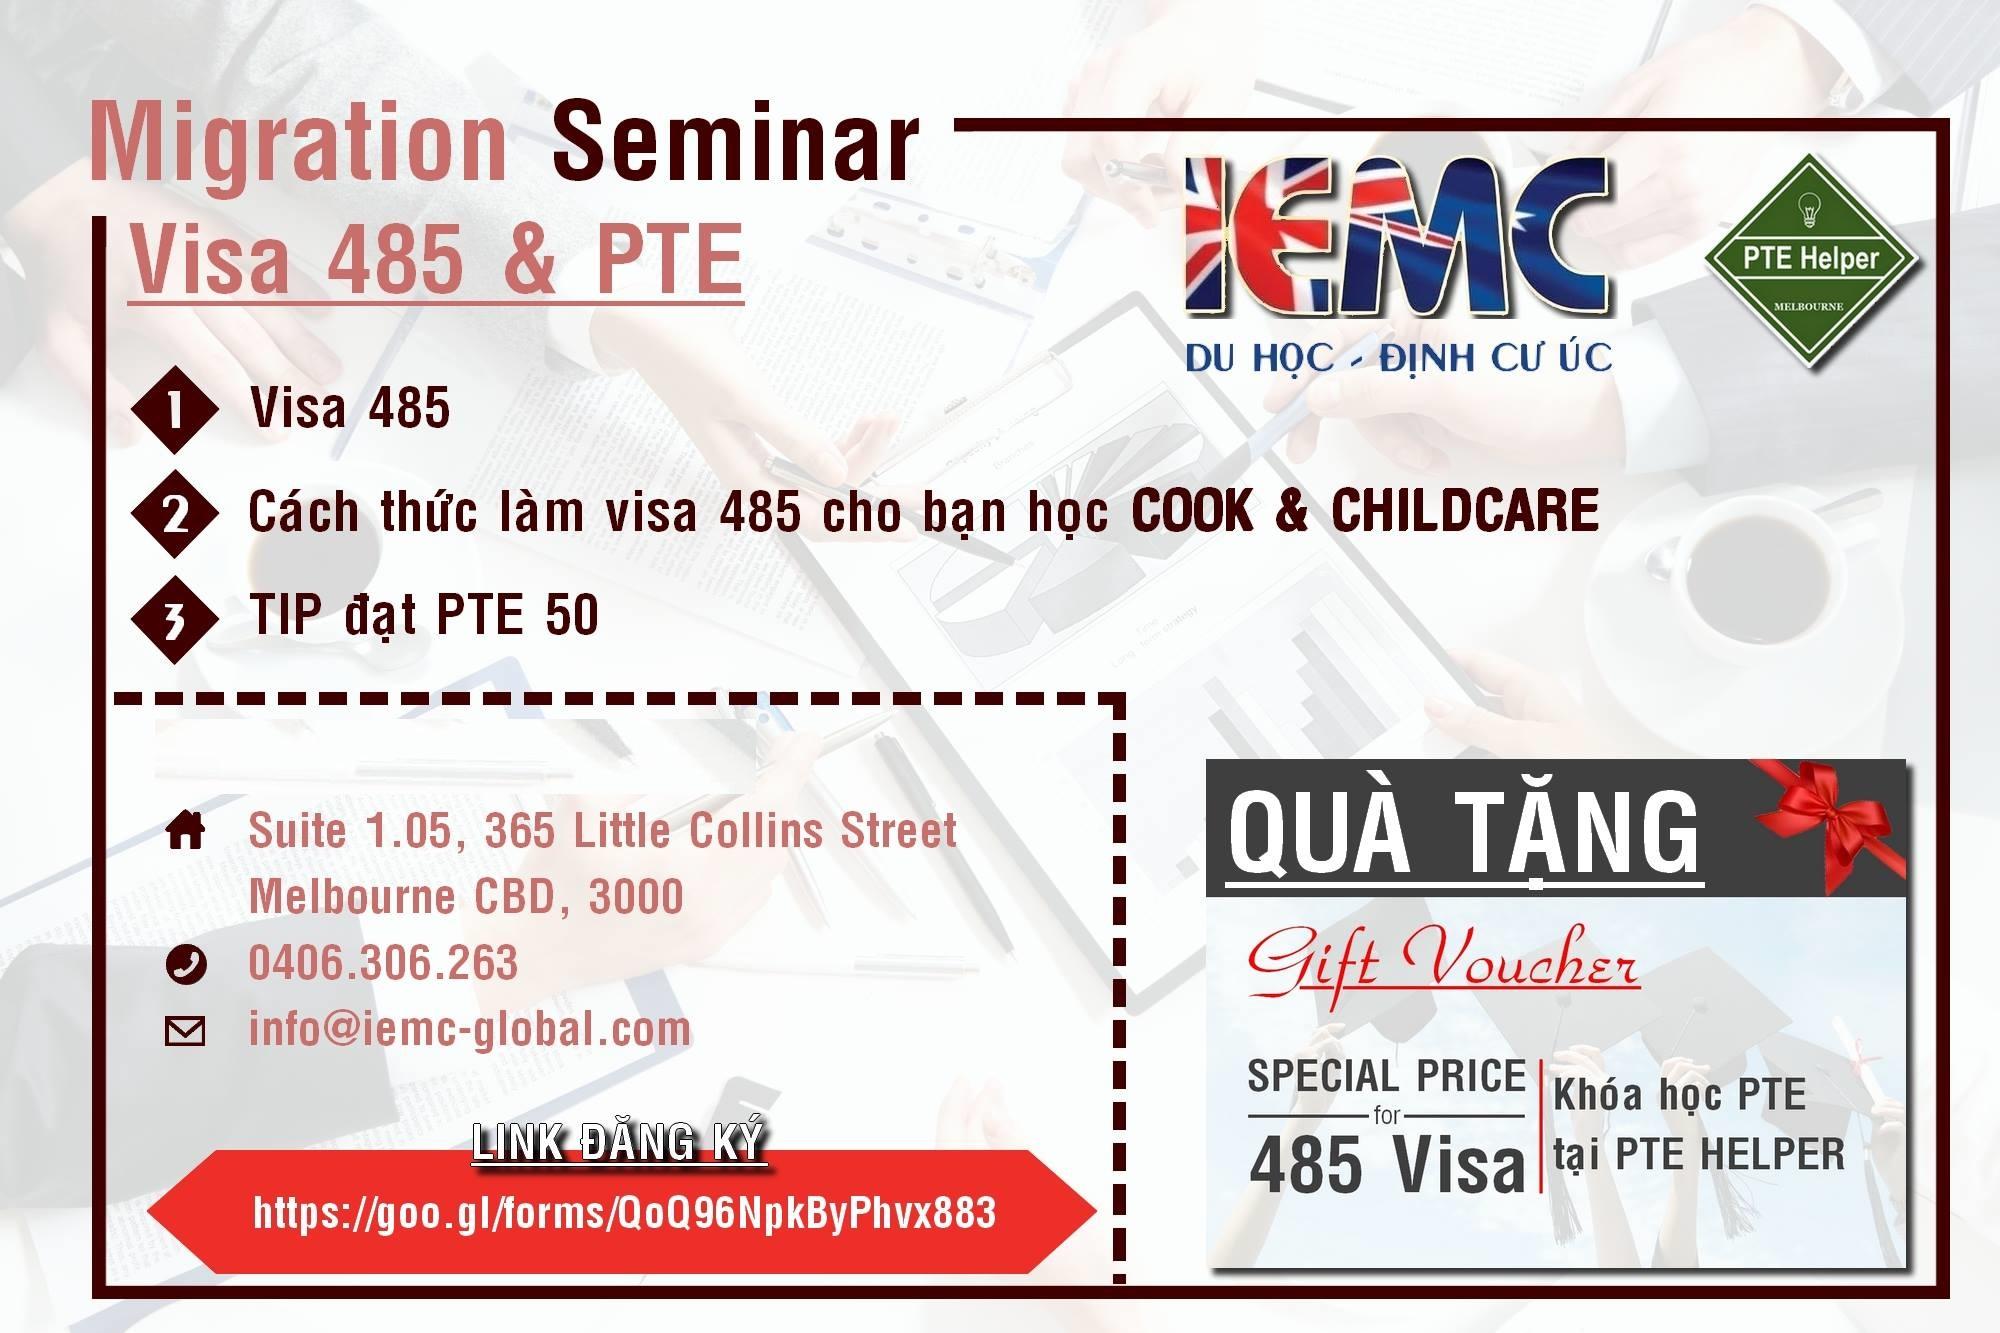 Hội thảo định cư Úc visa 185 miễn phí và chia sẻ những bí quyết làm bài thi PTE điểm cao nhất 2 - Hội thảo di trú Úc – Visa 485 và bí quyết chinh phục PTE